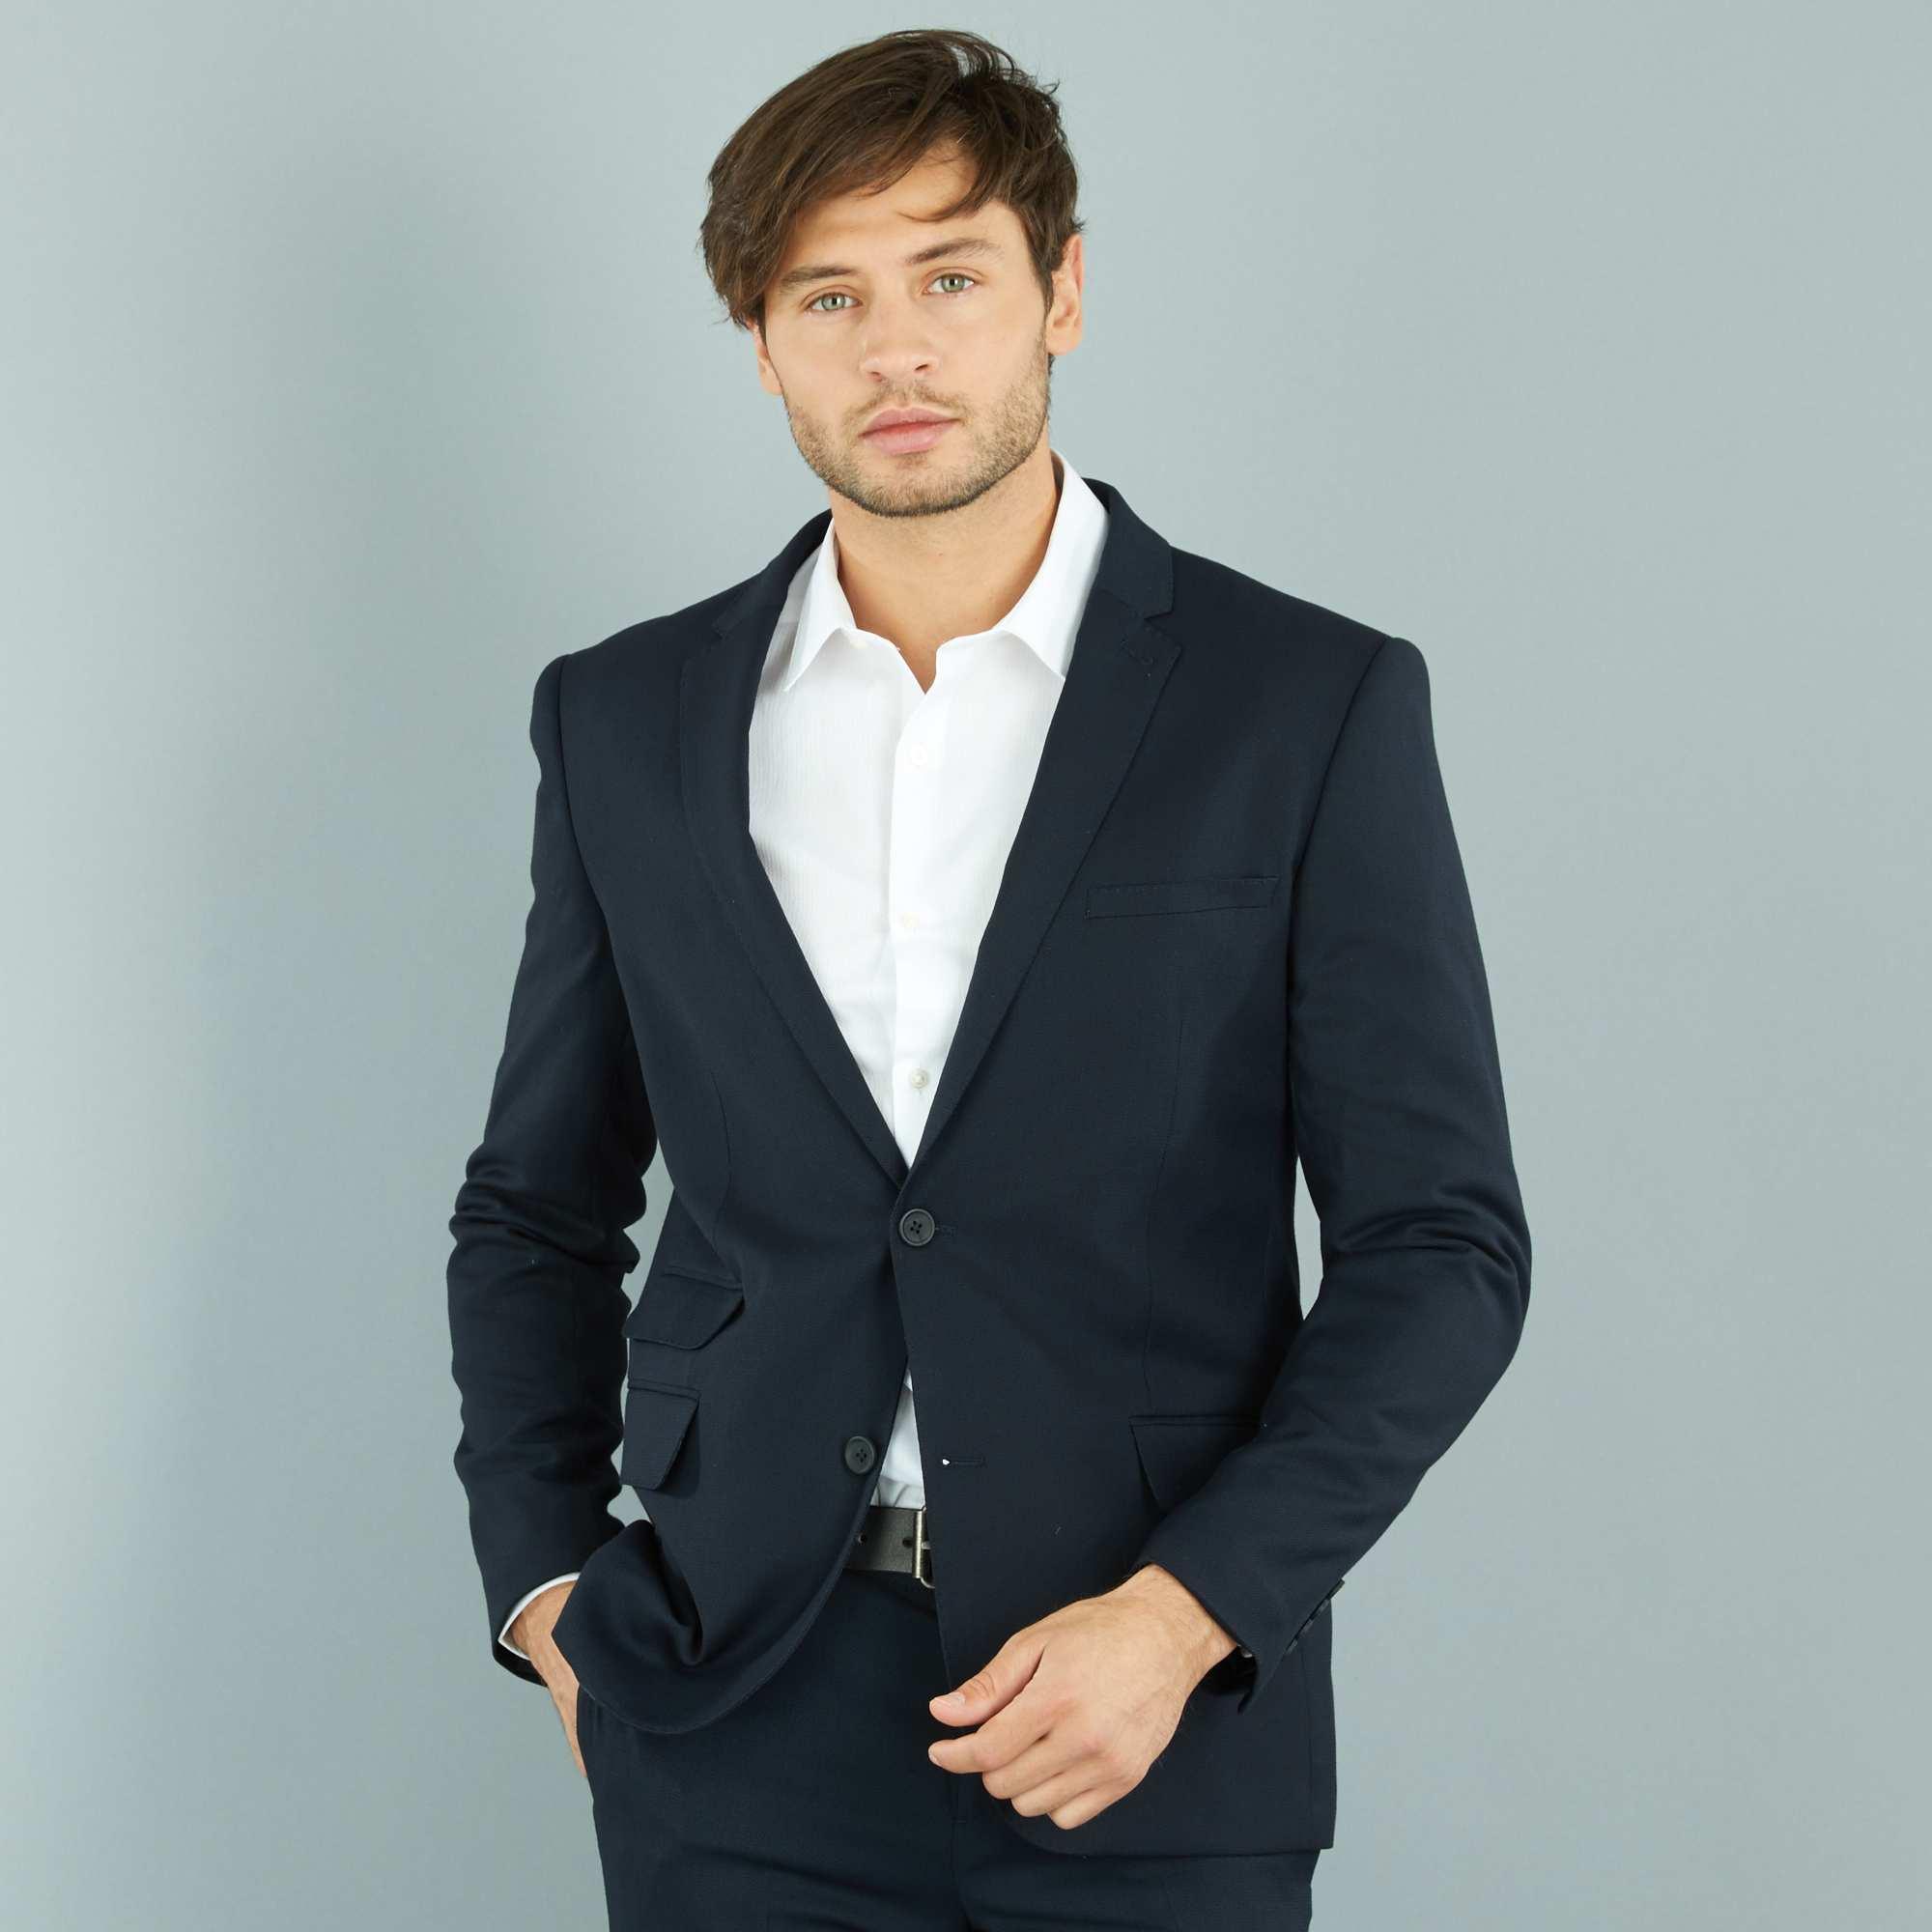 Couleur : gris, bleu, ,, - Taille : 56, 54, 58,52,50Vous apprécierez la coupe slim de cette veste d'été, coupée dans un beau tissu aspect